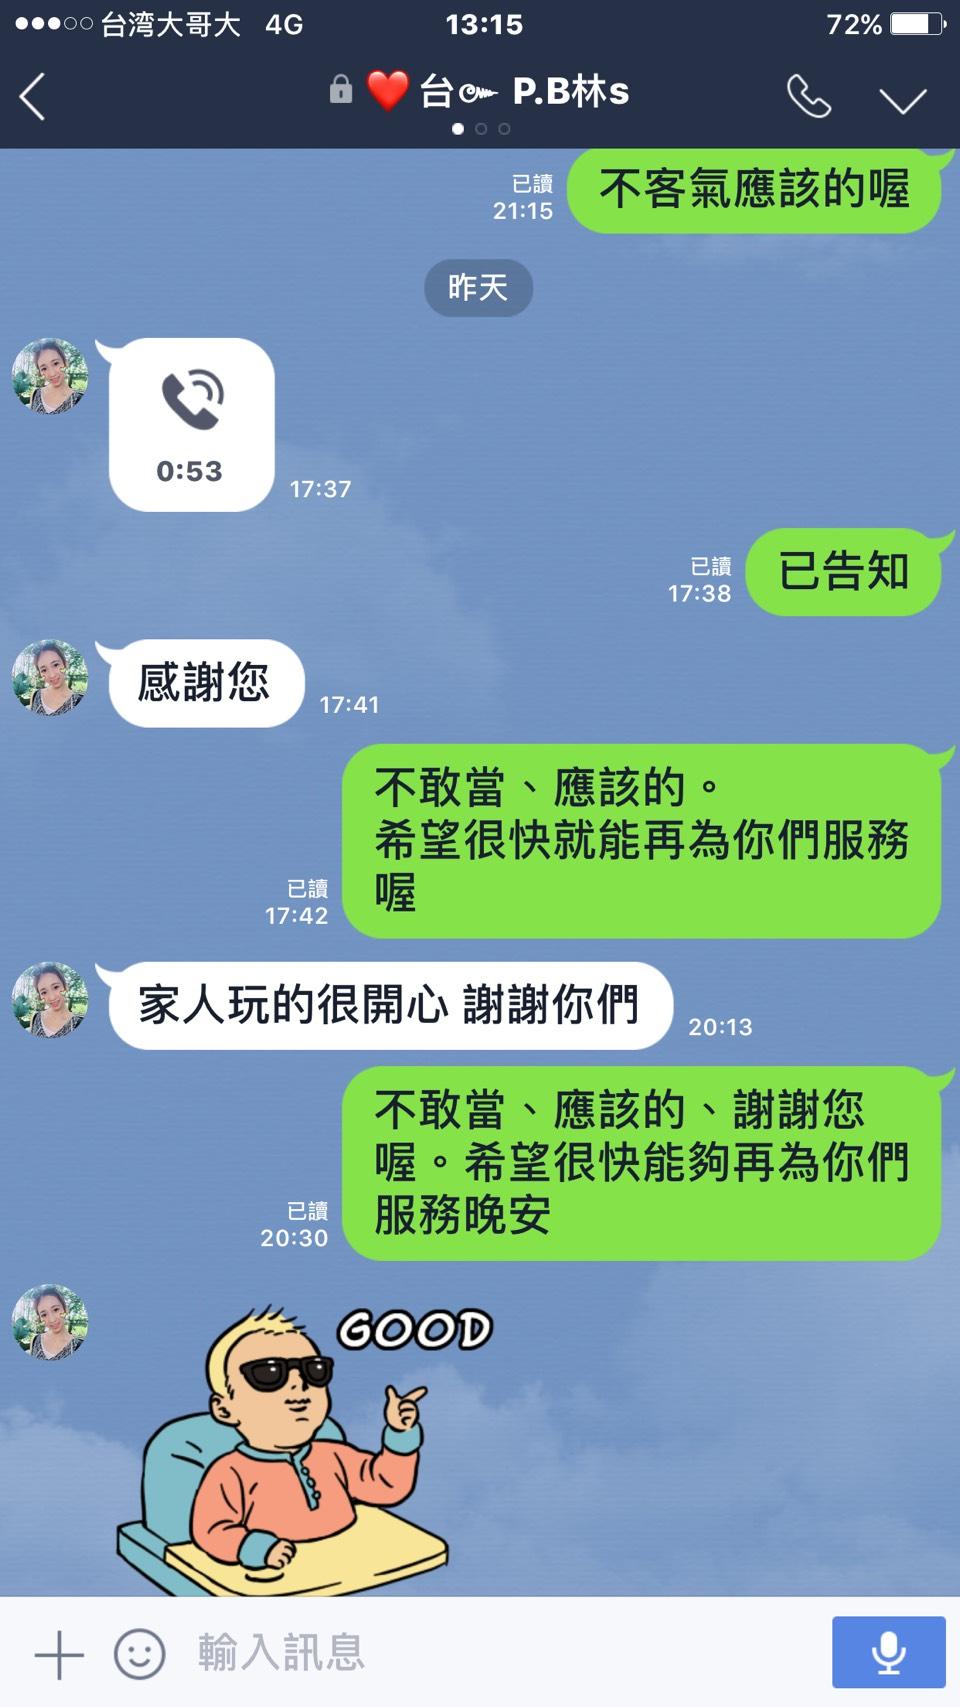 旅遊包車推薦 (29).jpg